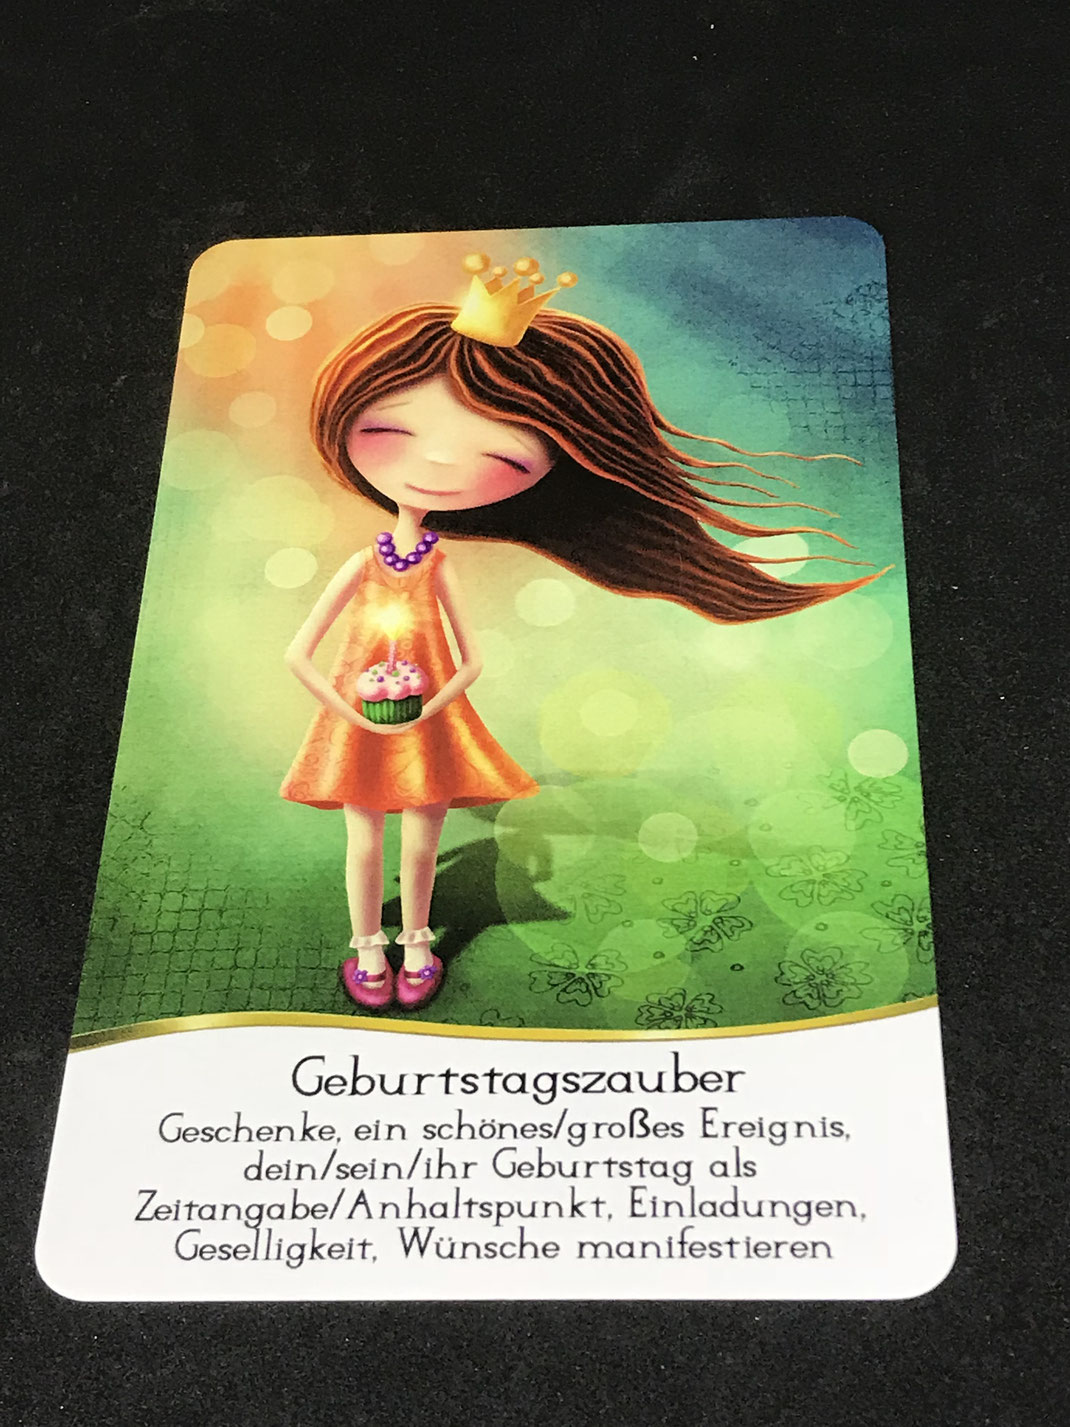 Sans Souci Cards von Nadine Breitenstein auf Phönixzauber kostenlose Tagesbotschaft